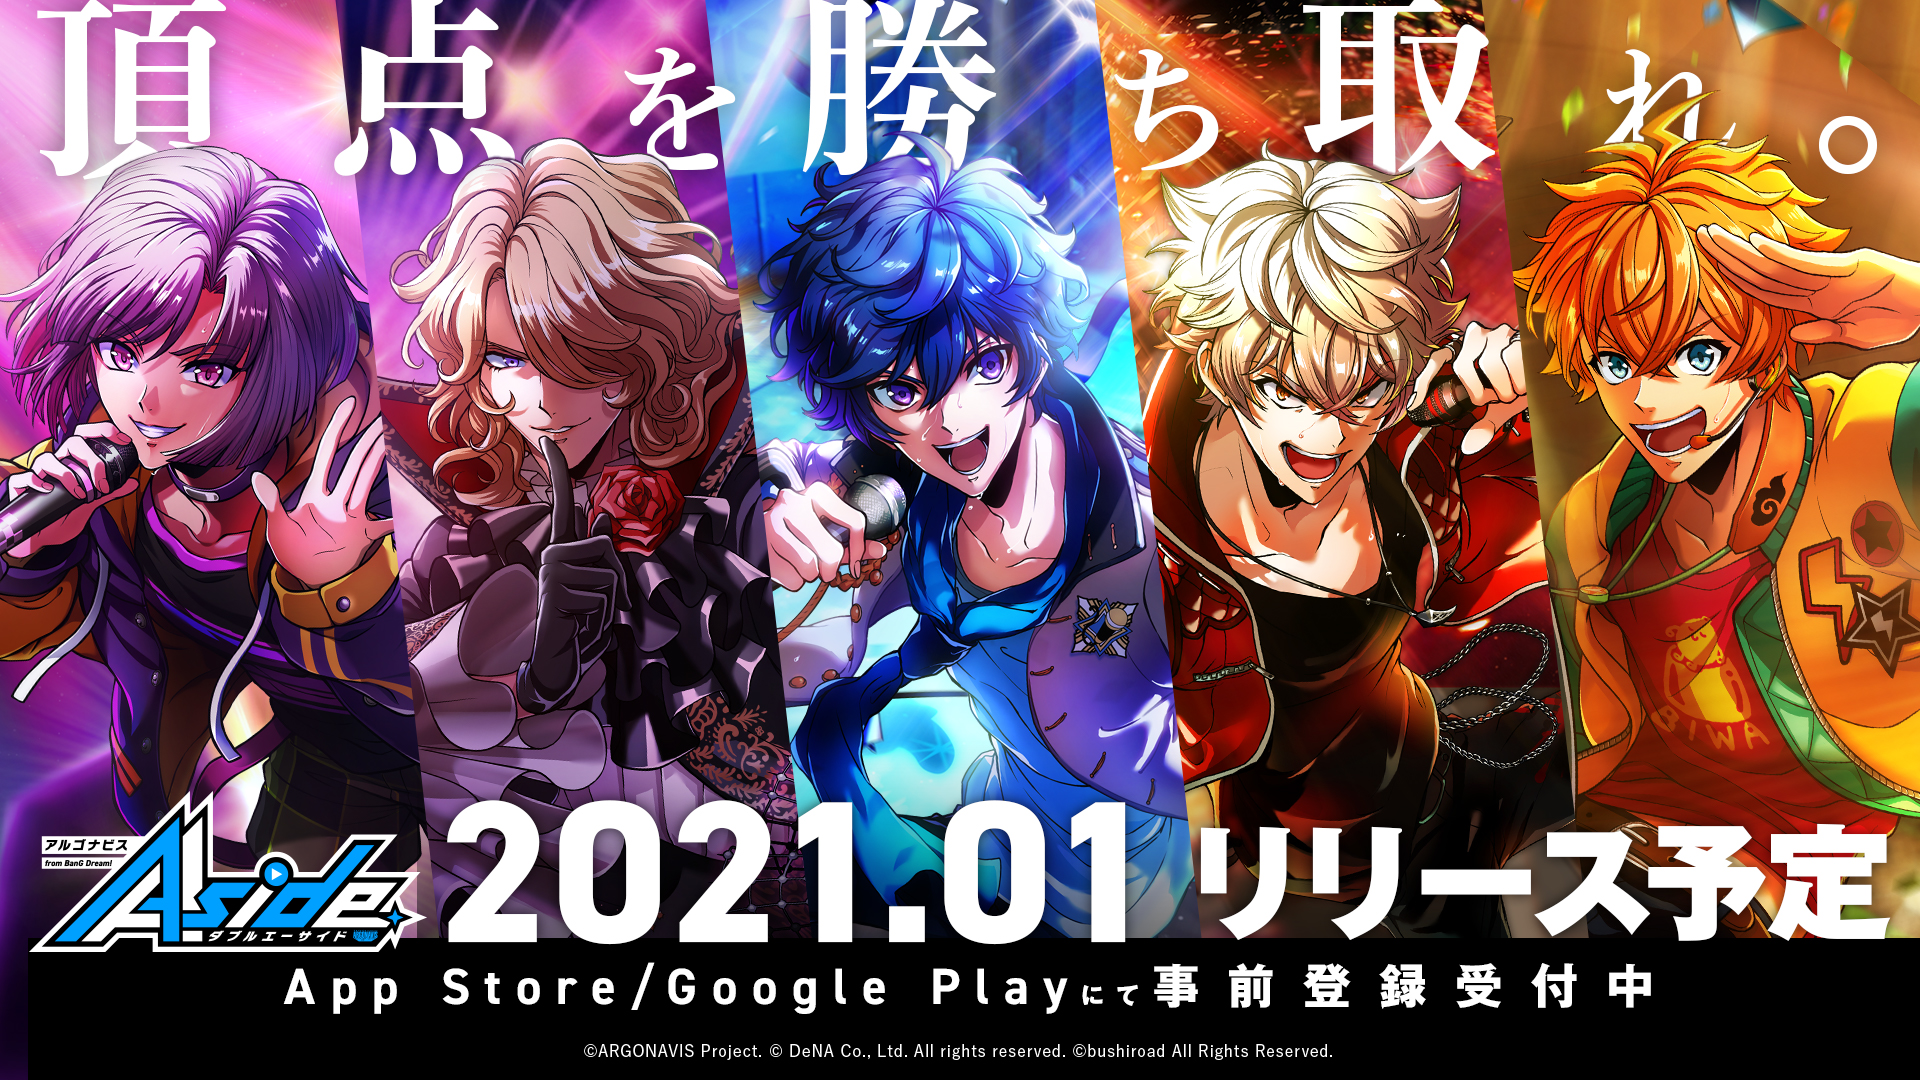 アプリ「アルゴナビスAAside」2021年1月リリース決定!新たな要素を追加したアニメの再放送も